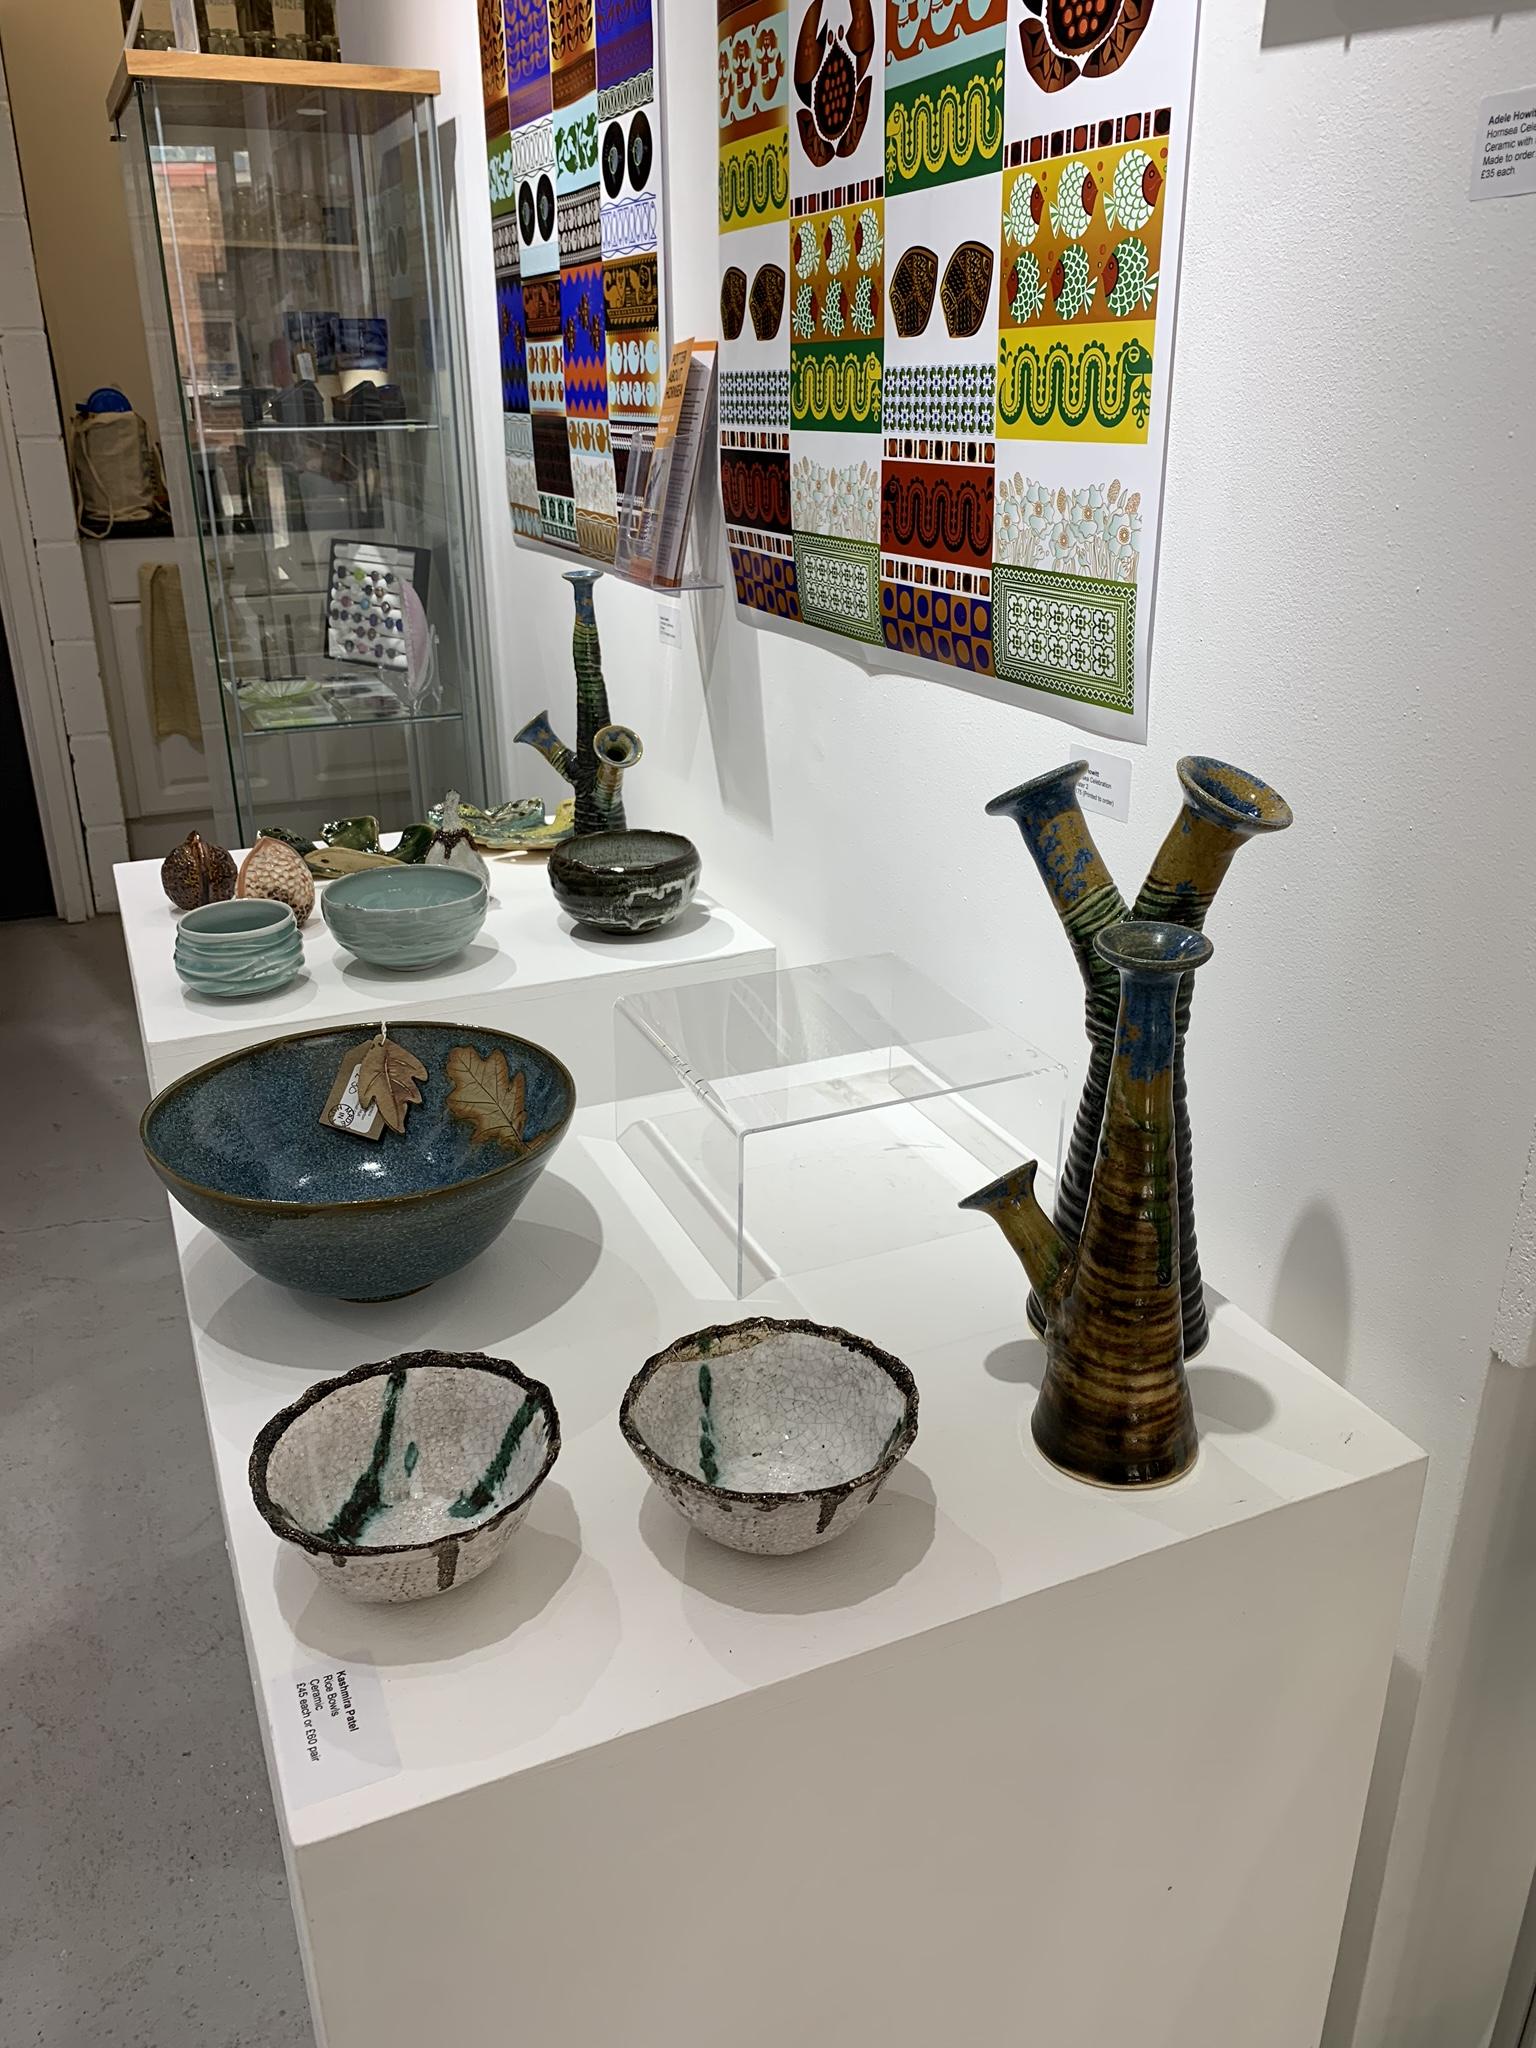 Some more interesting ceramics